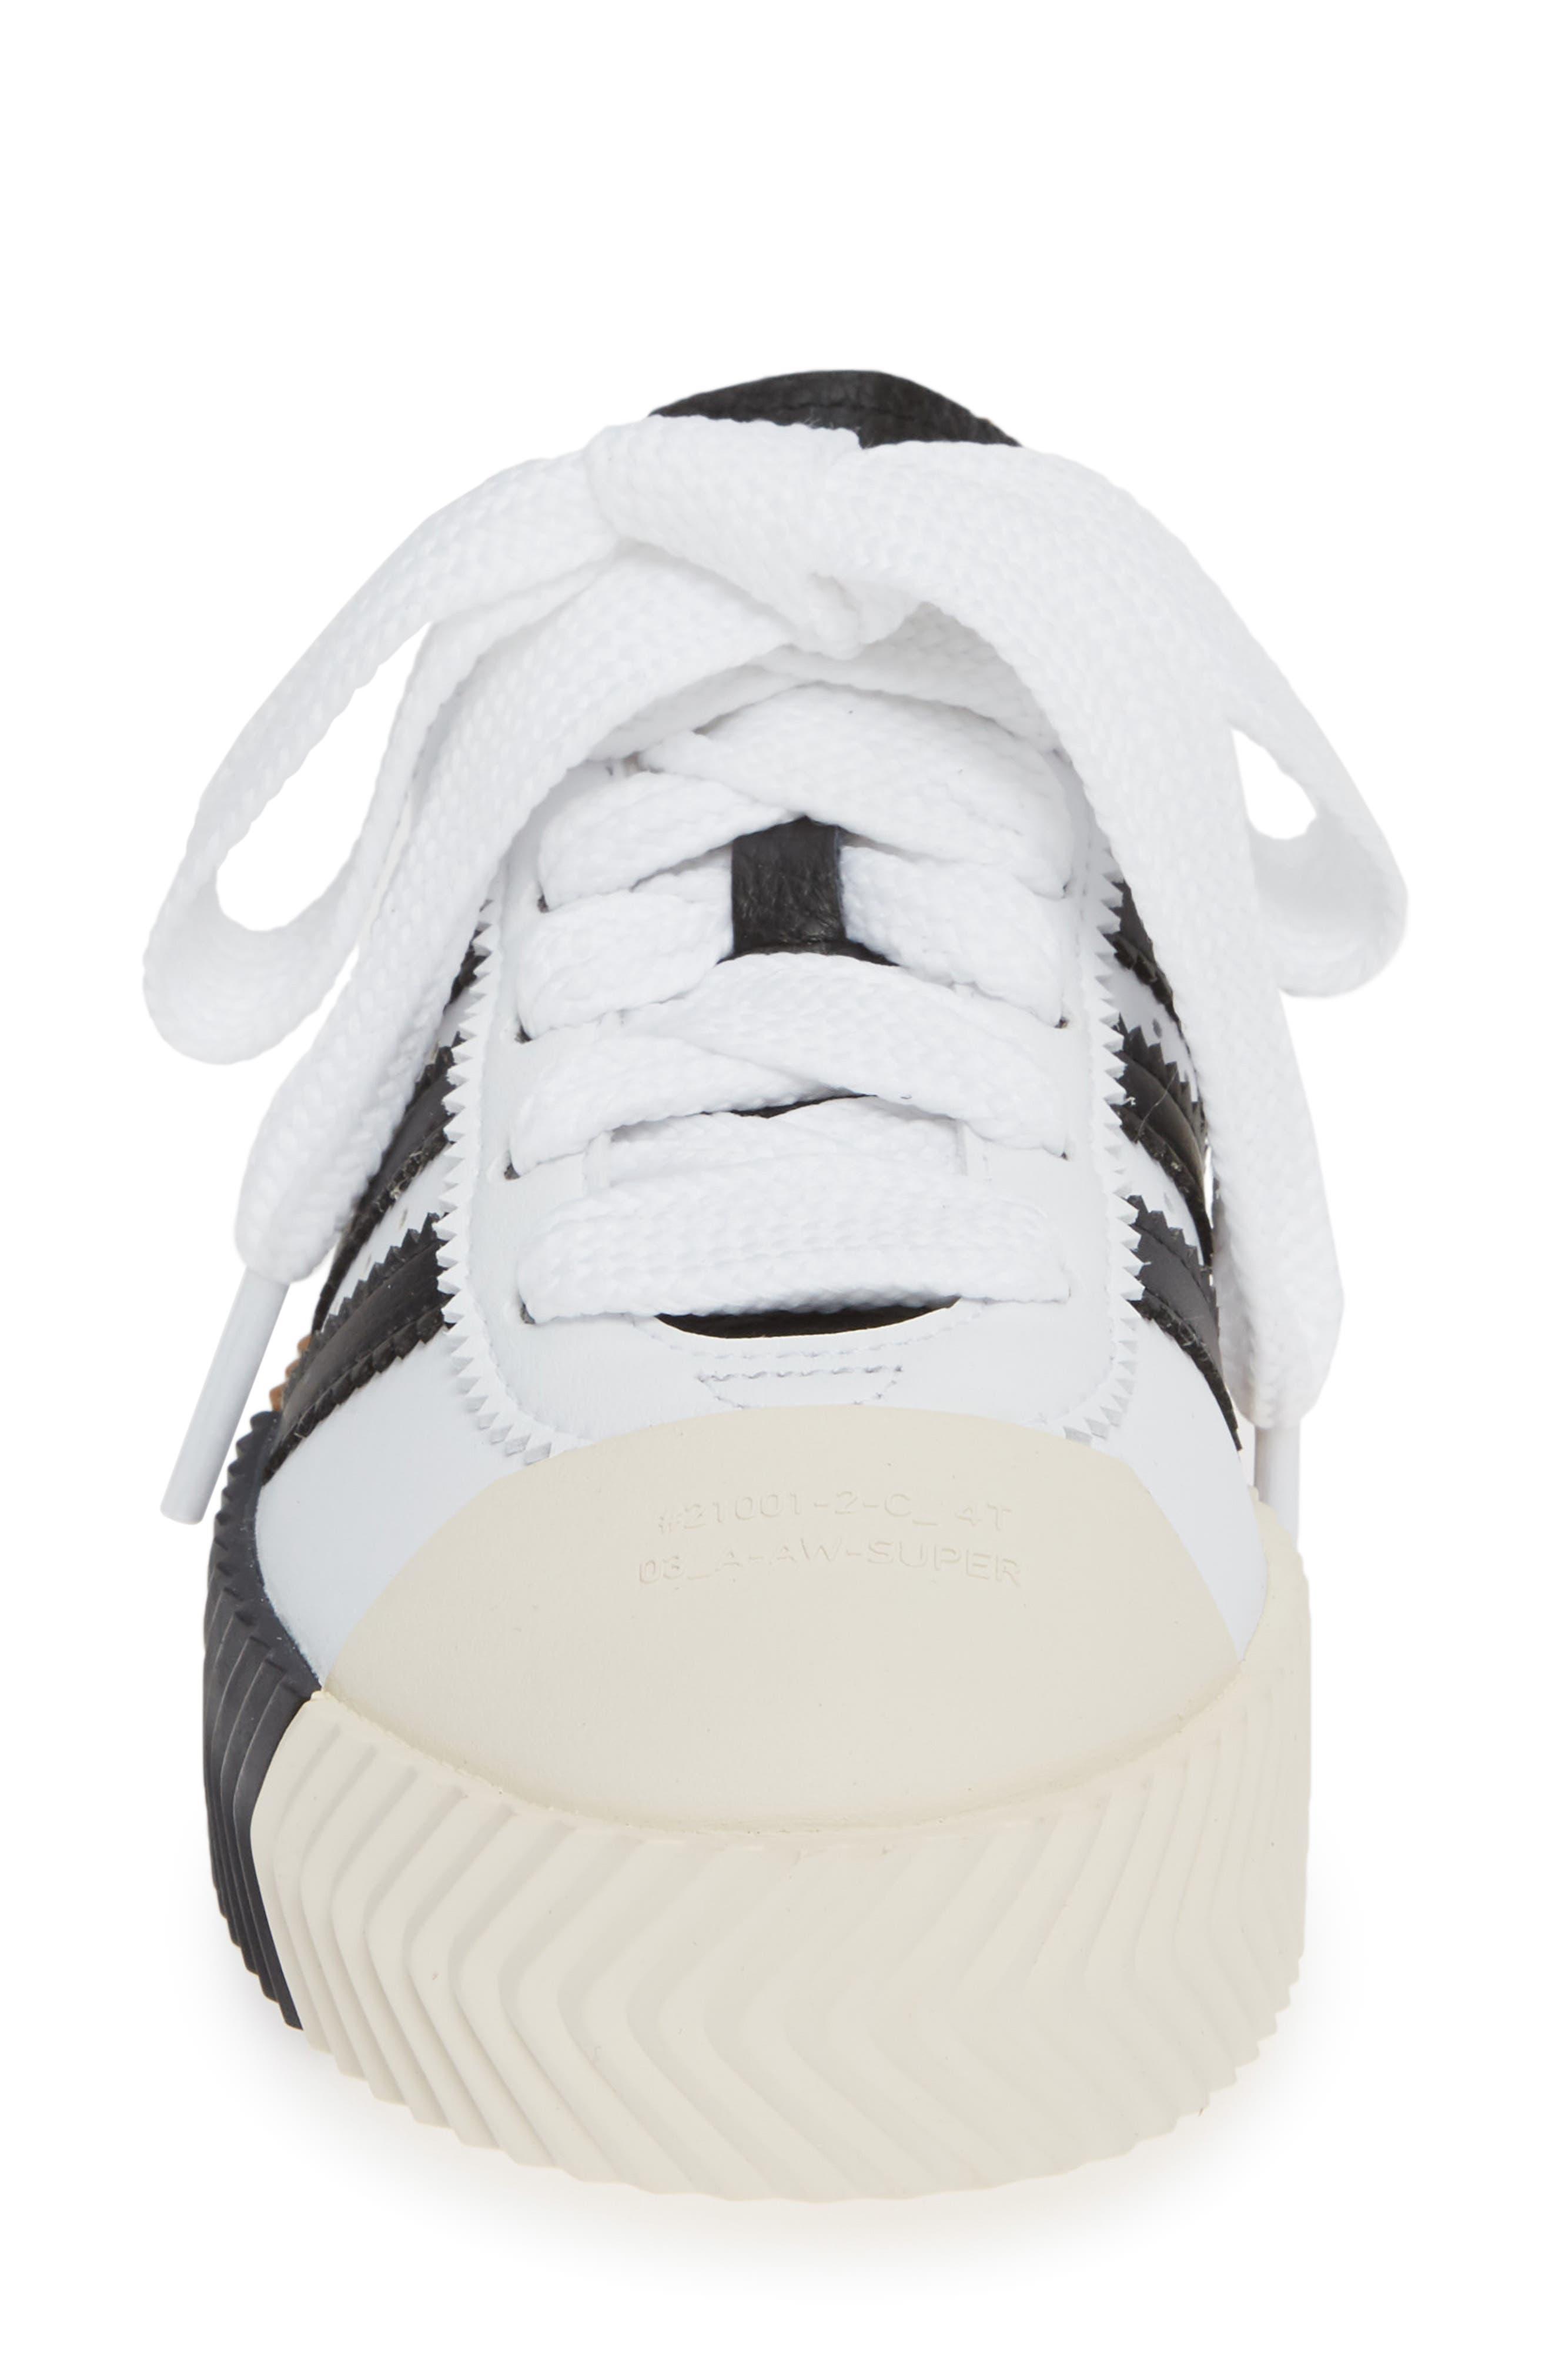 Skate Super Sneaker,                             Alternate thumbnail 4, color,                             WHITE/ BLACK/ BROWN